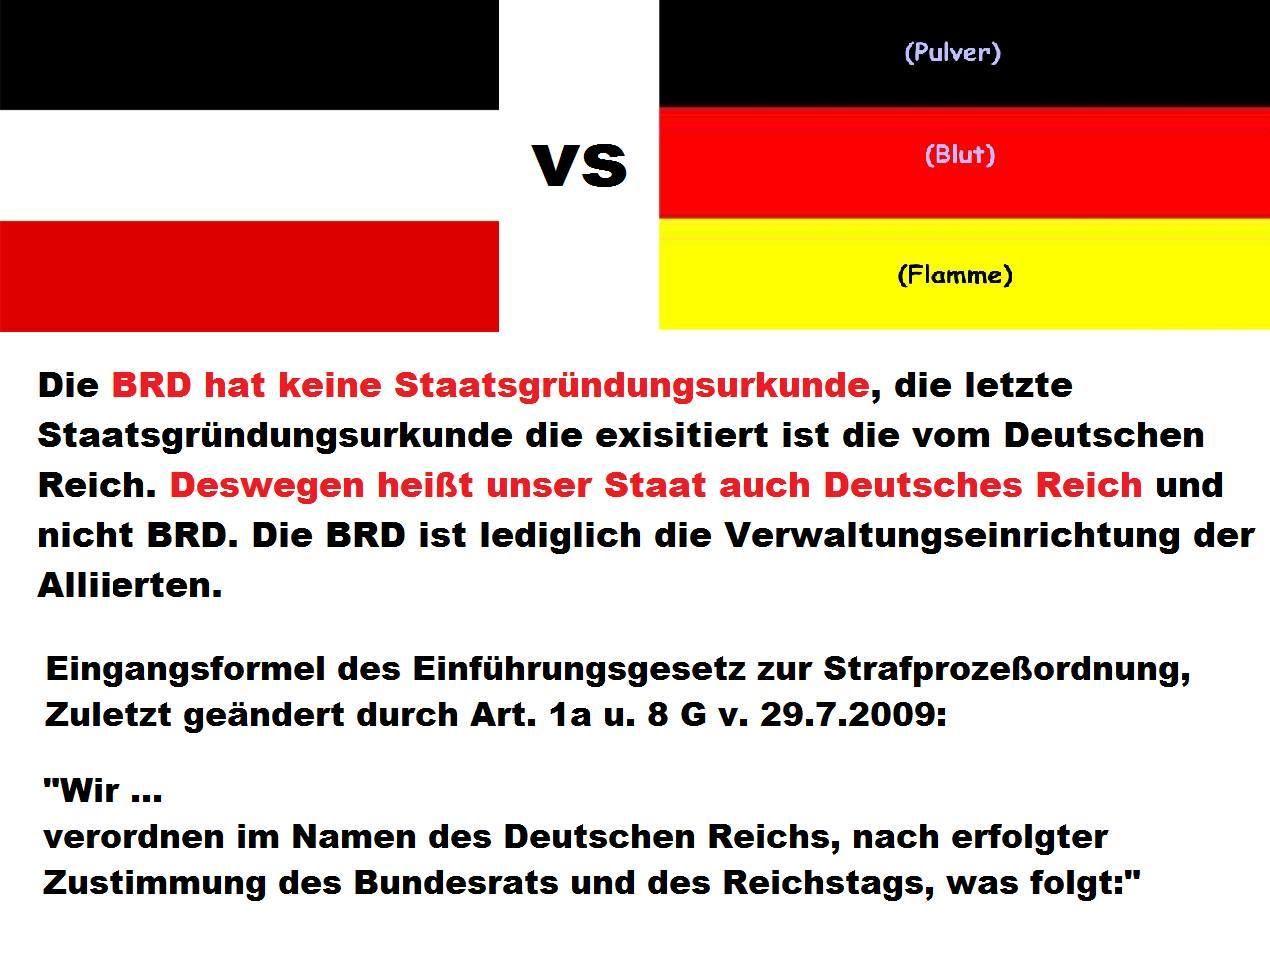 Die Bundesrepublik Deutschland ist ein demokratischer und sozialer Bundesstaat....